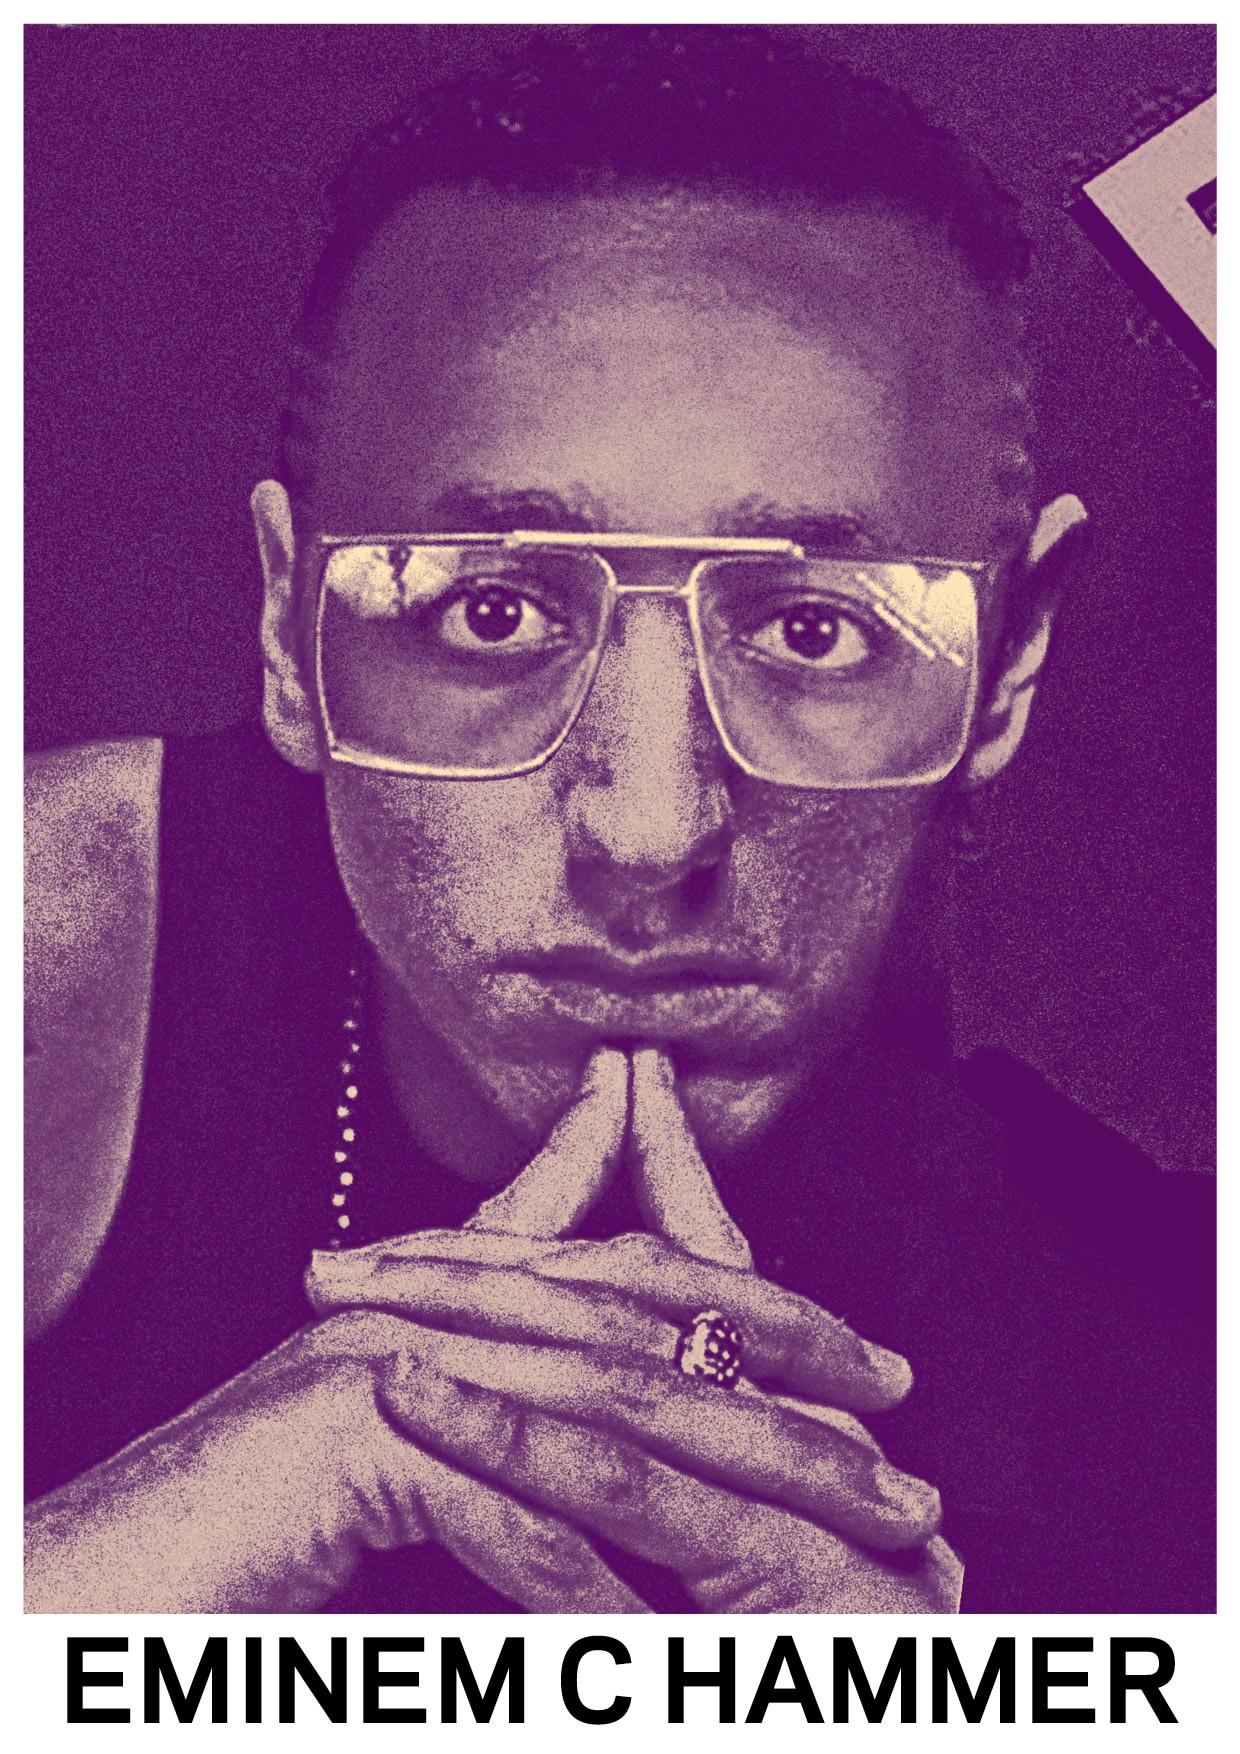 Eminem-c-hammer-min